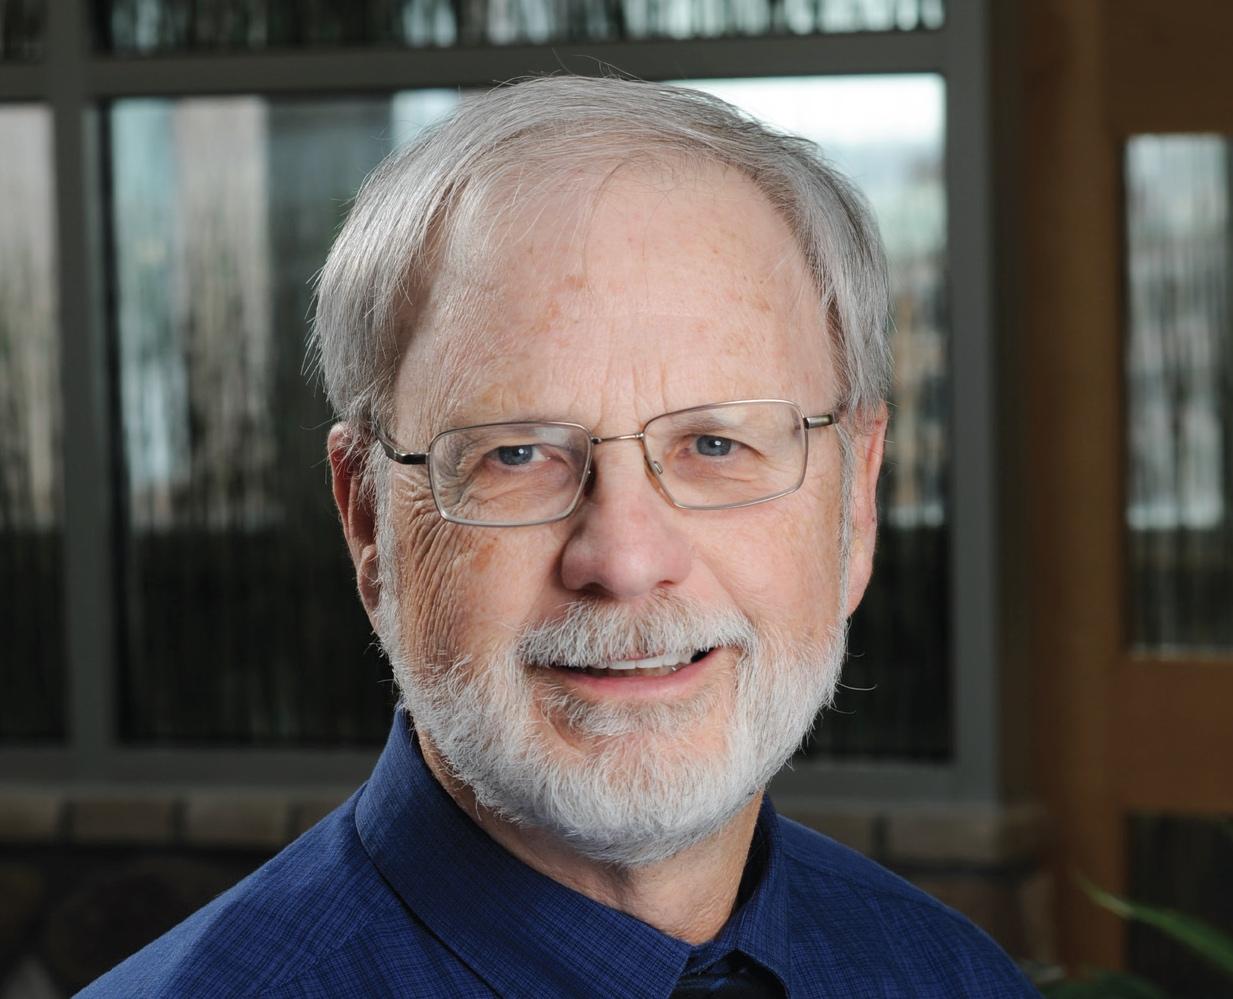 Richard Guyer, PA-C